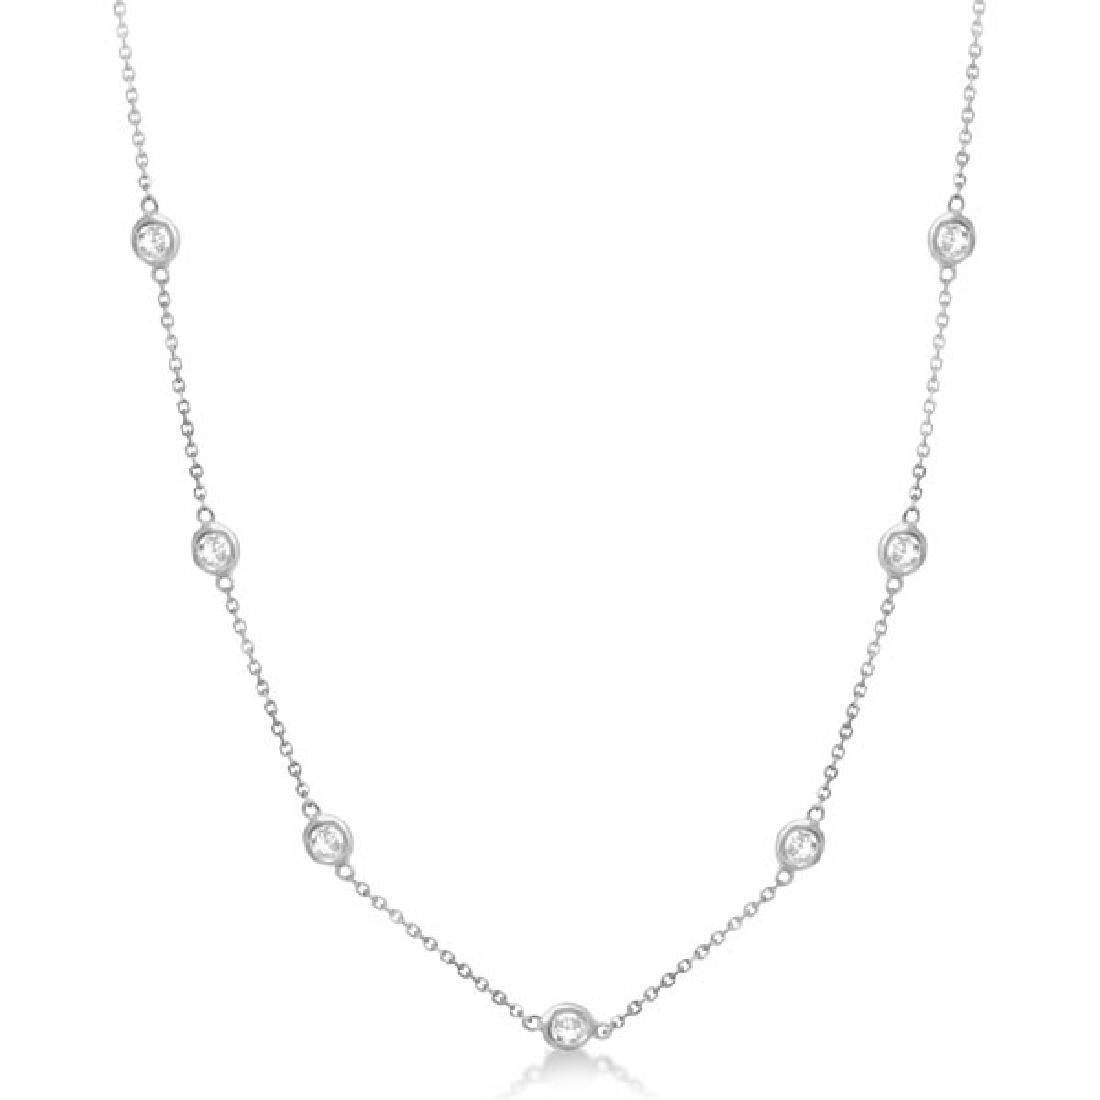 Diamond Station Necklace Bezel-Set 14K White Gold (1.50